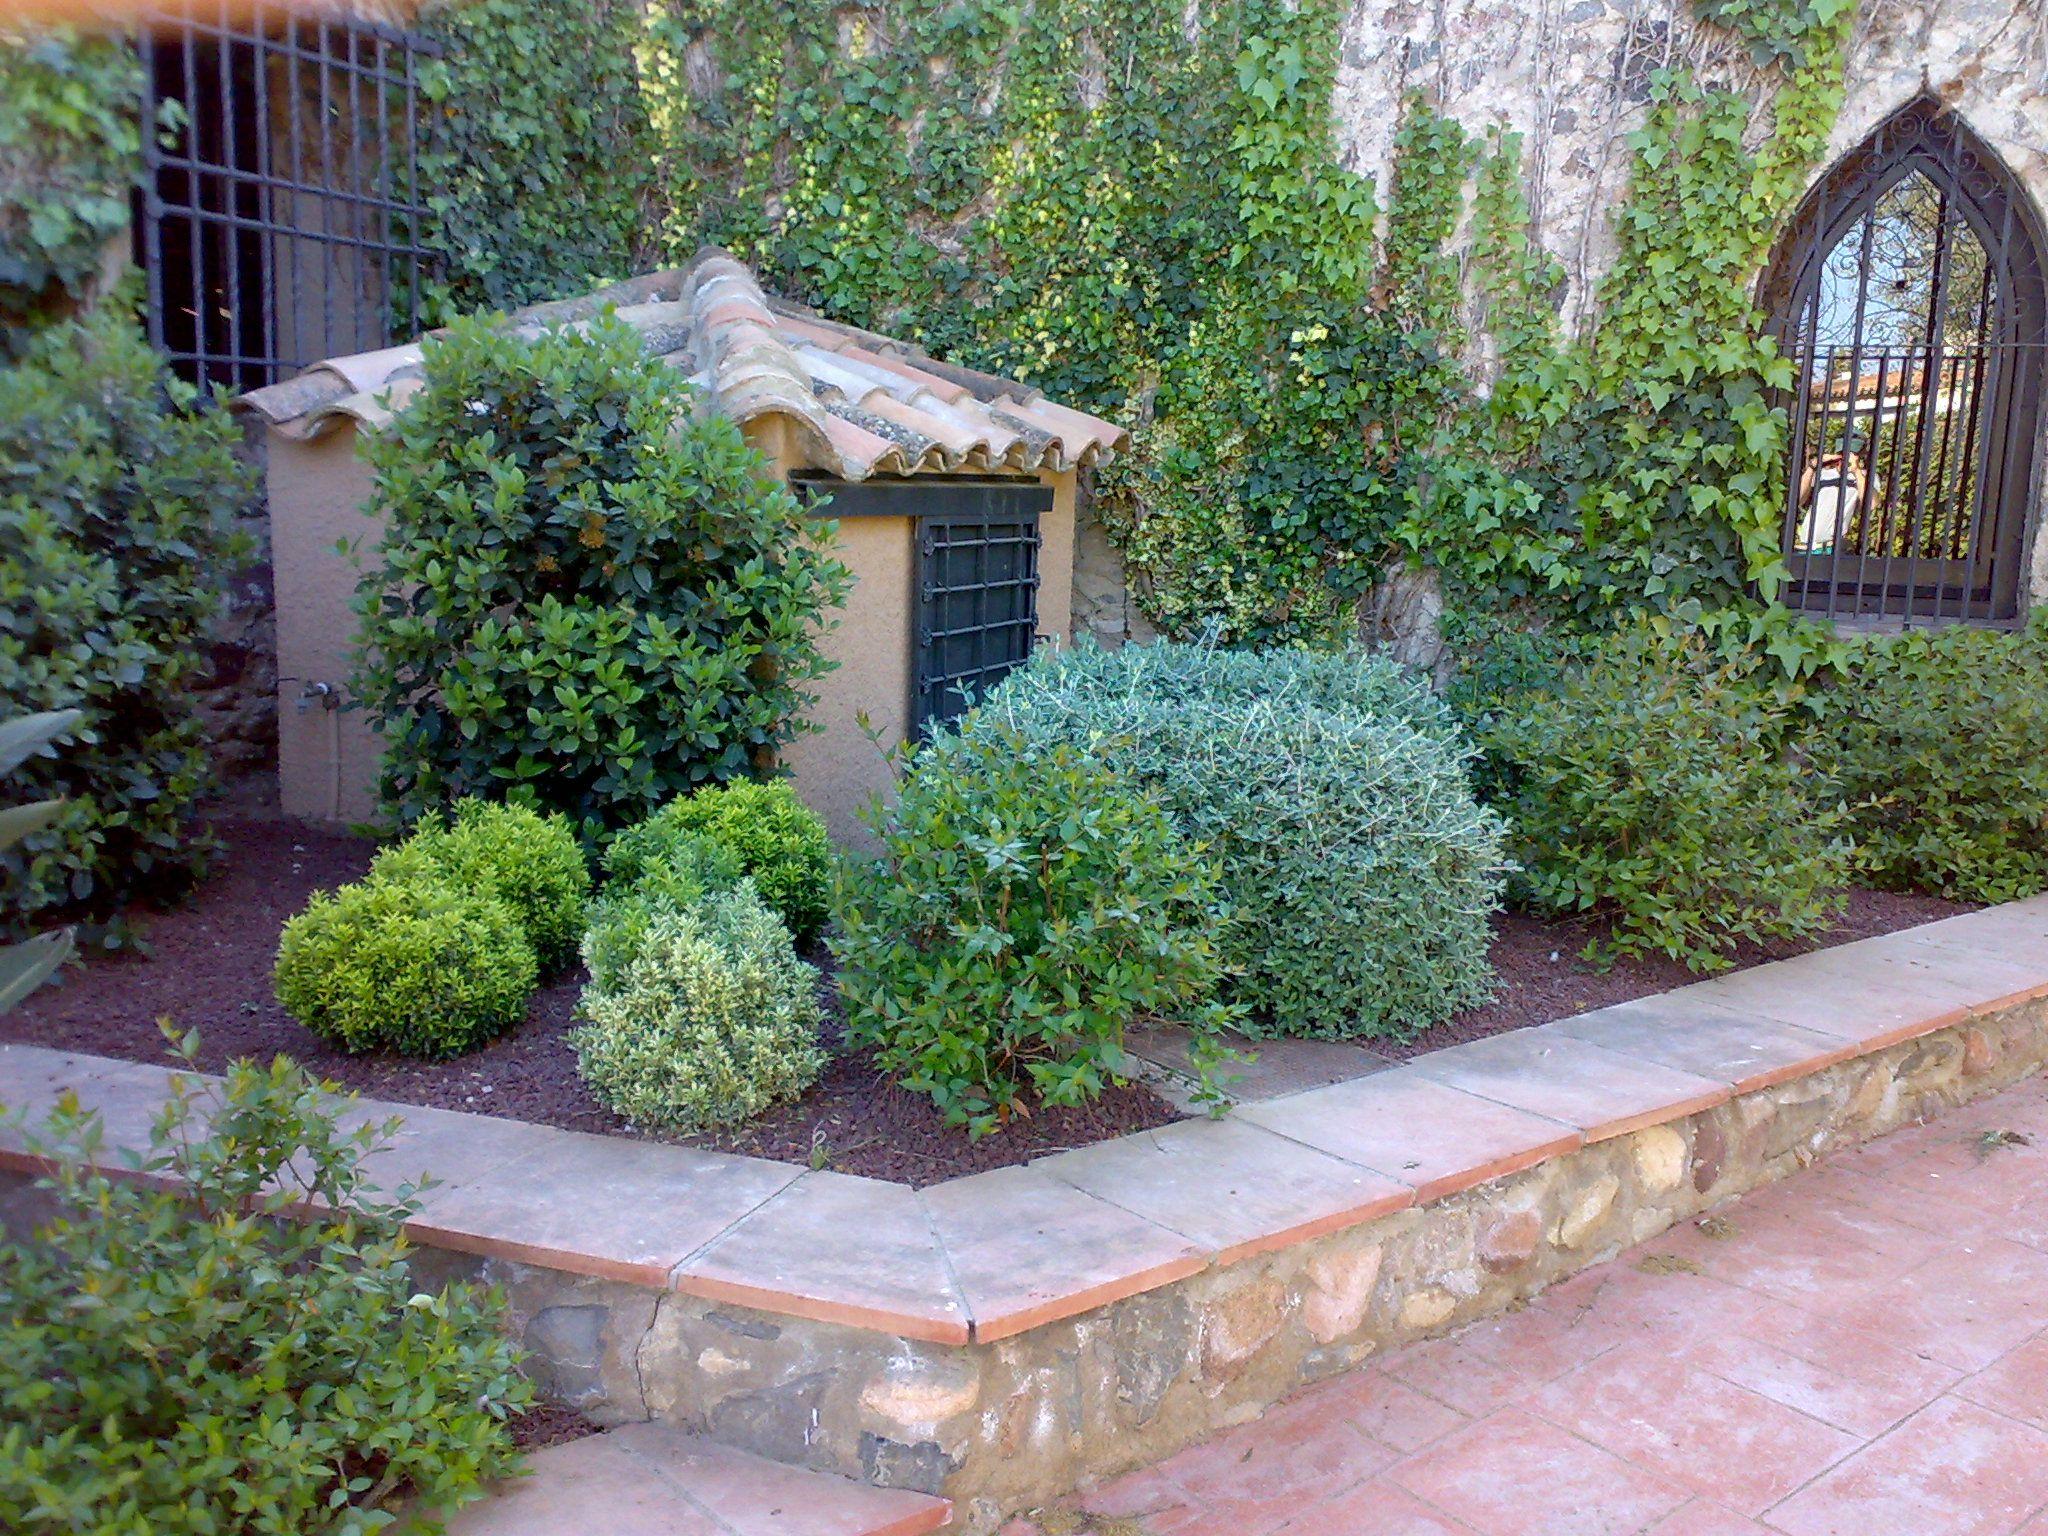 Mantenimiento de jardines: Servicios de Jardinería Cuerba